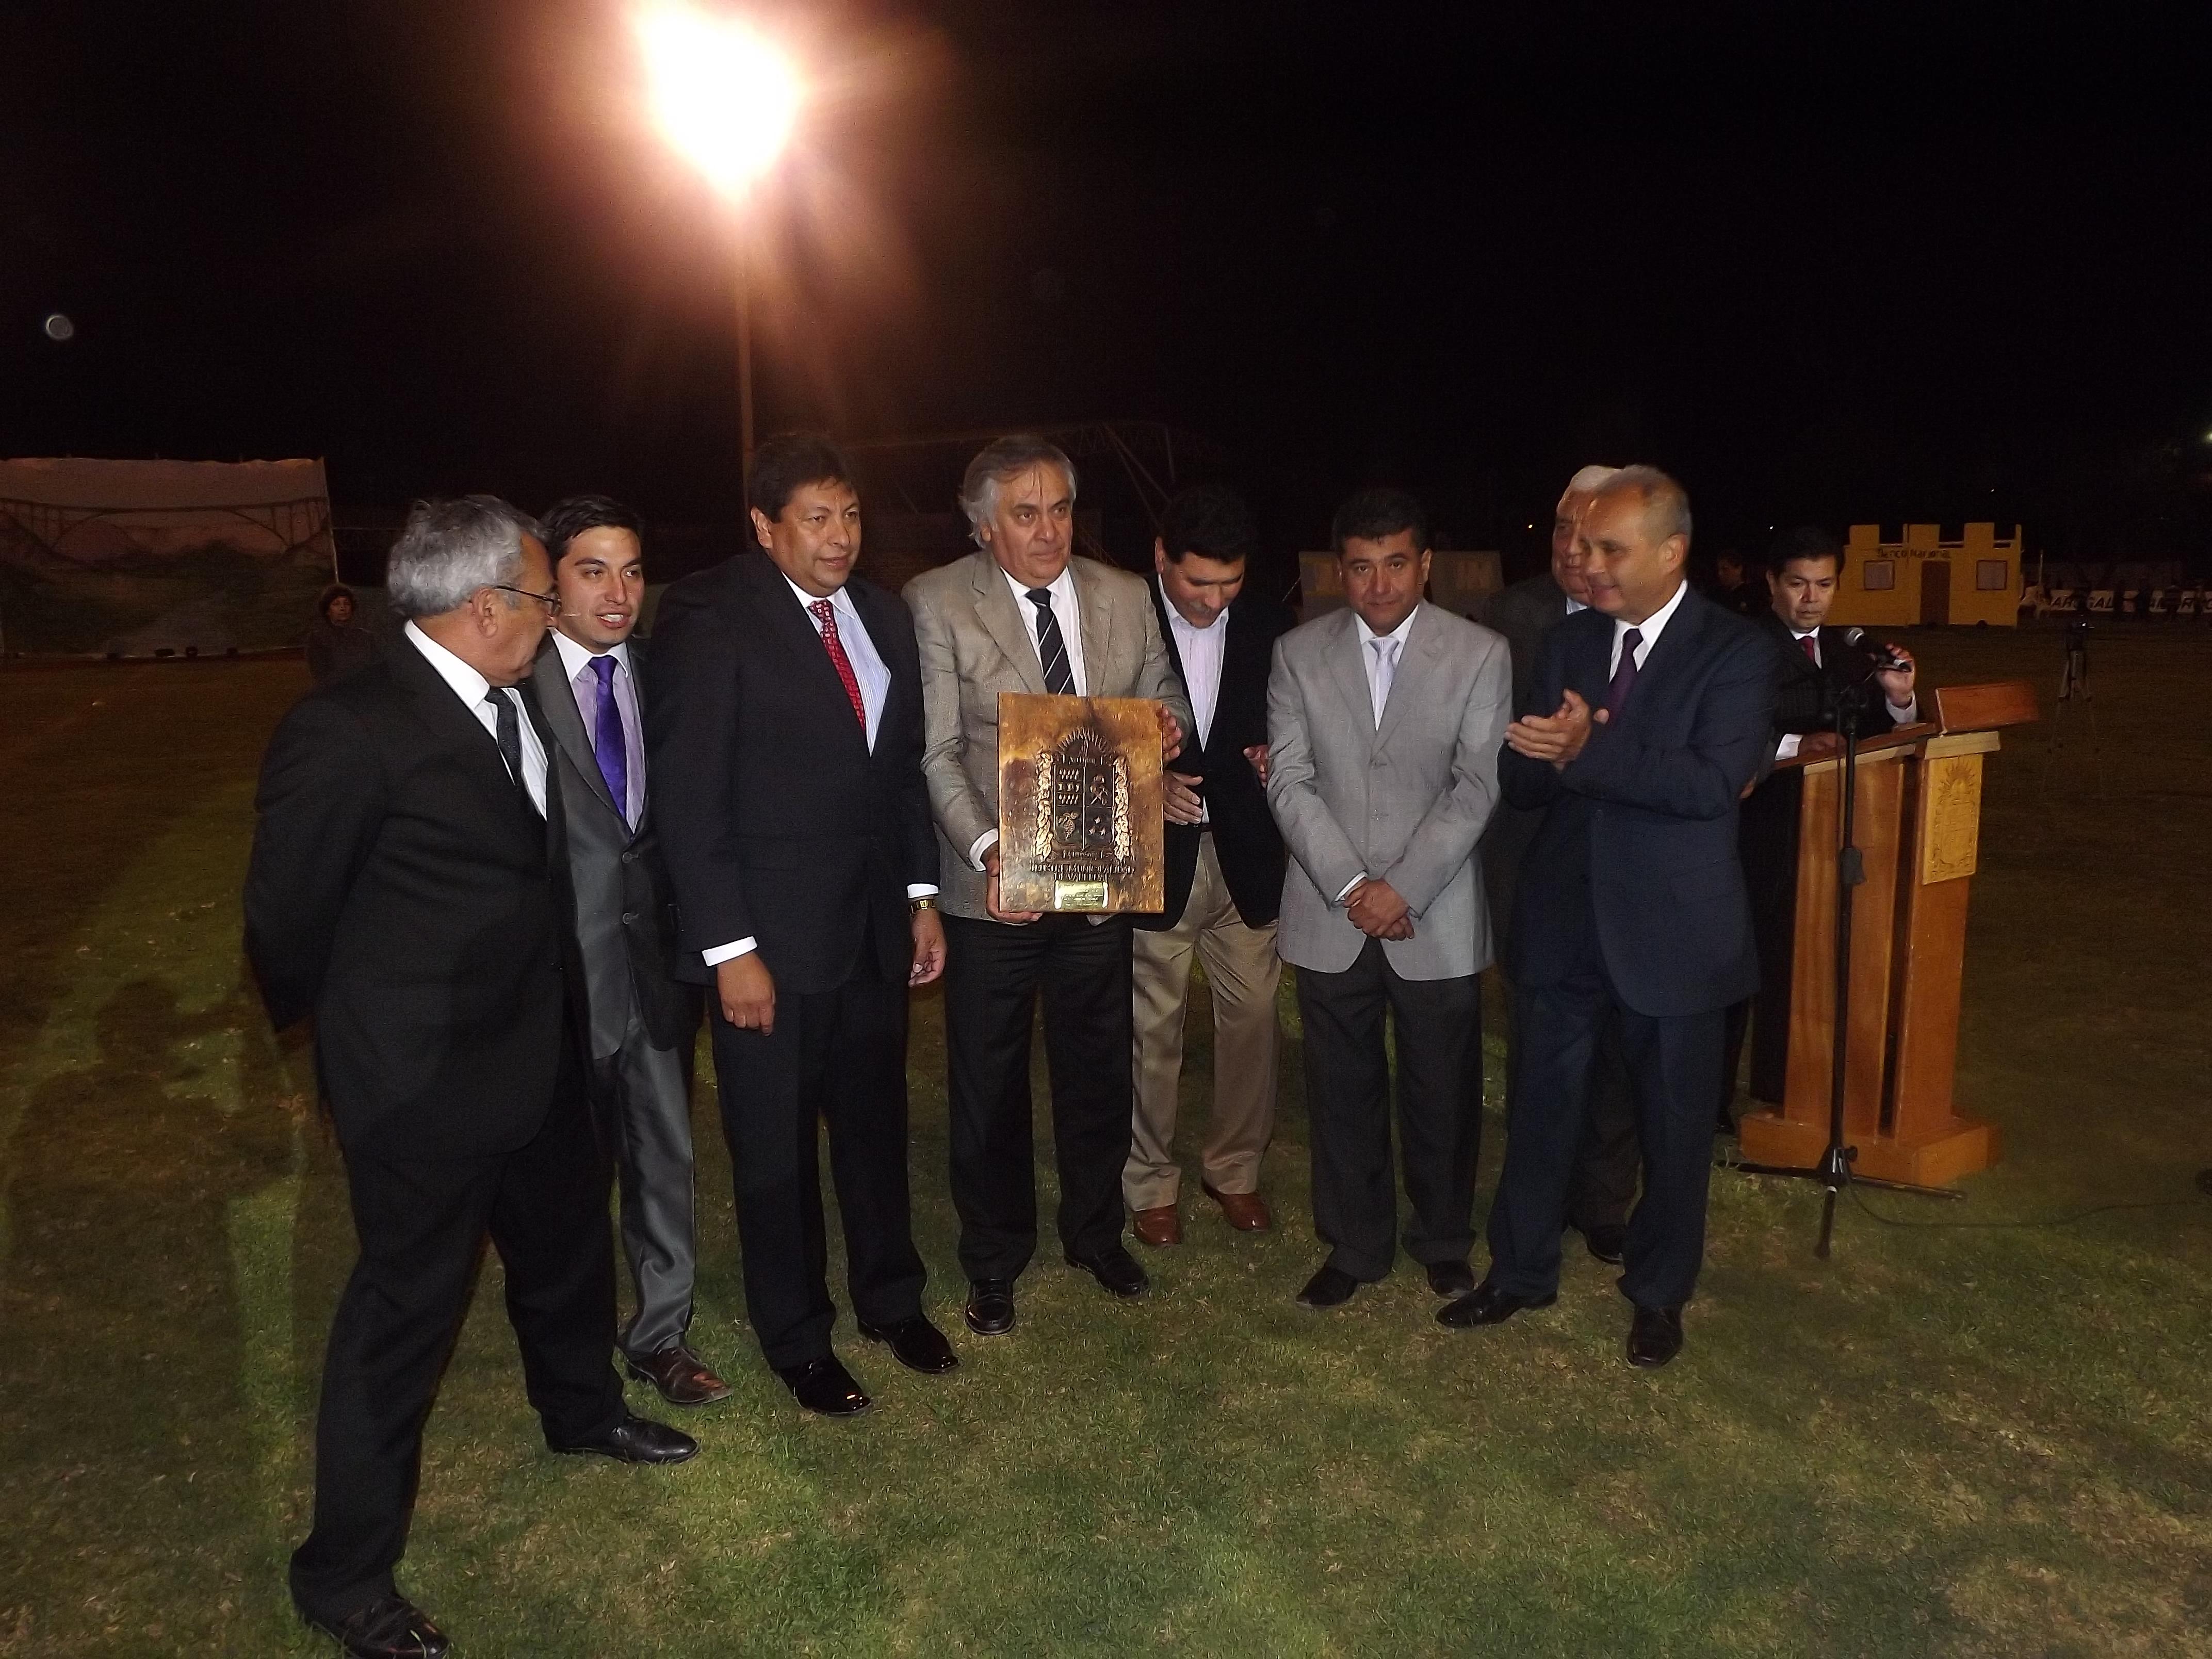 Municipio de Vallenar entrega reconocimiento a Intendente por aporte al desarrollo comunal